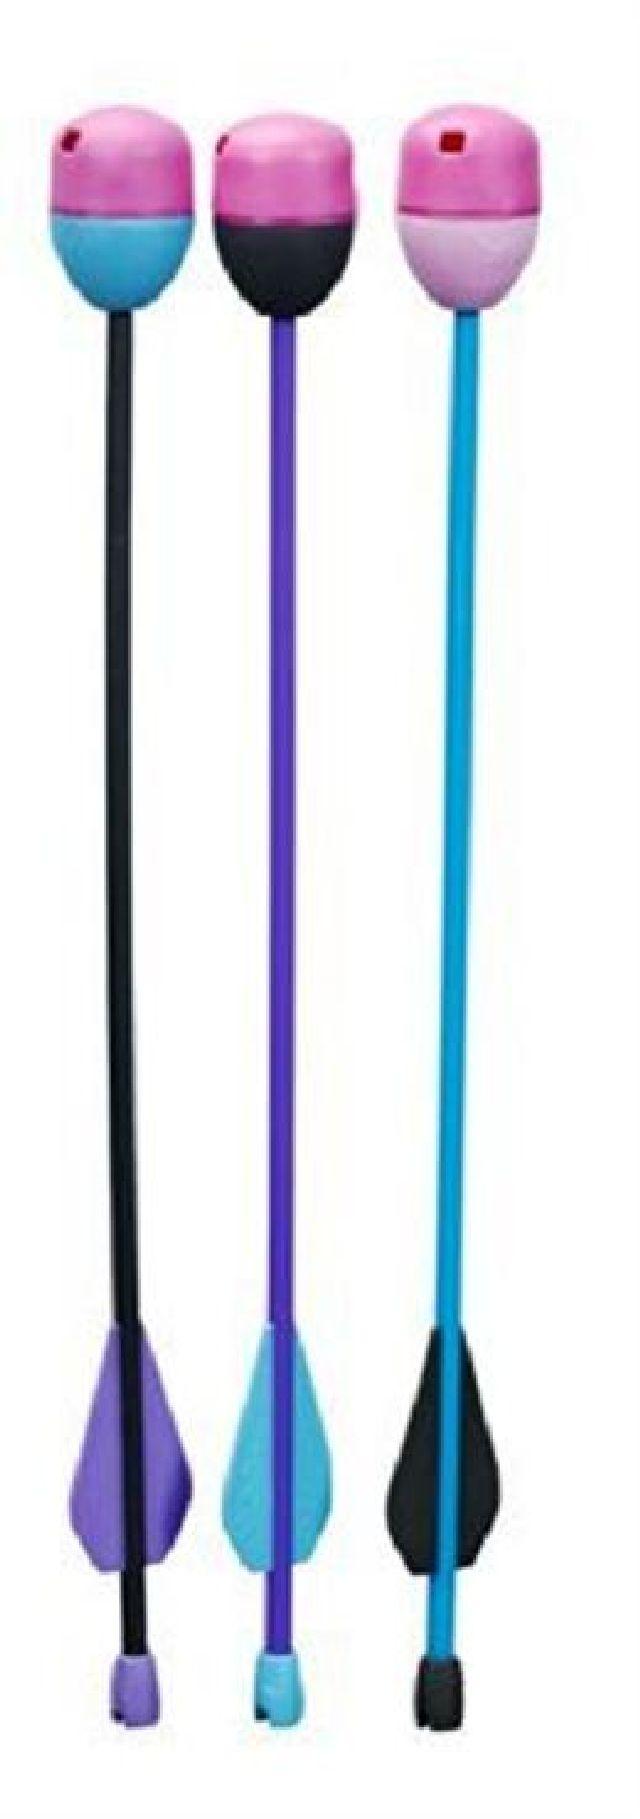 Nerf rebelle arrow refill